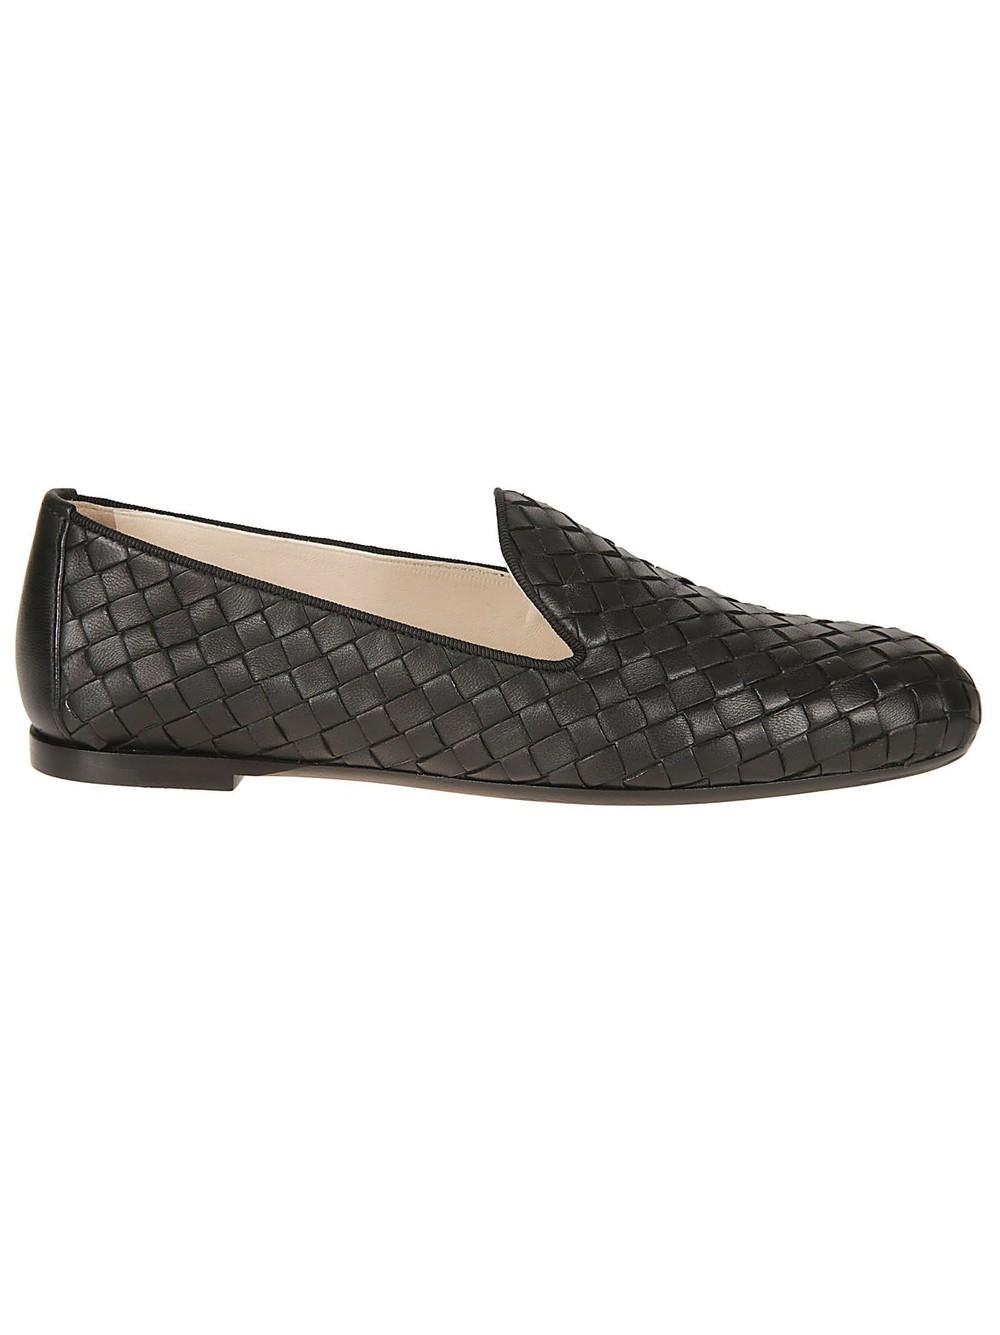 Bottega Veneta Intrecciato Slippers in black